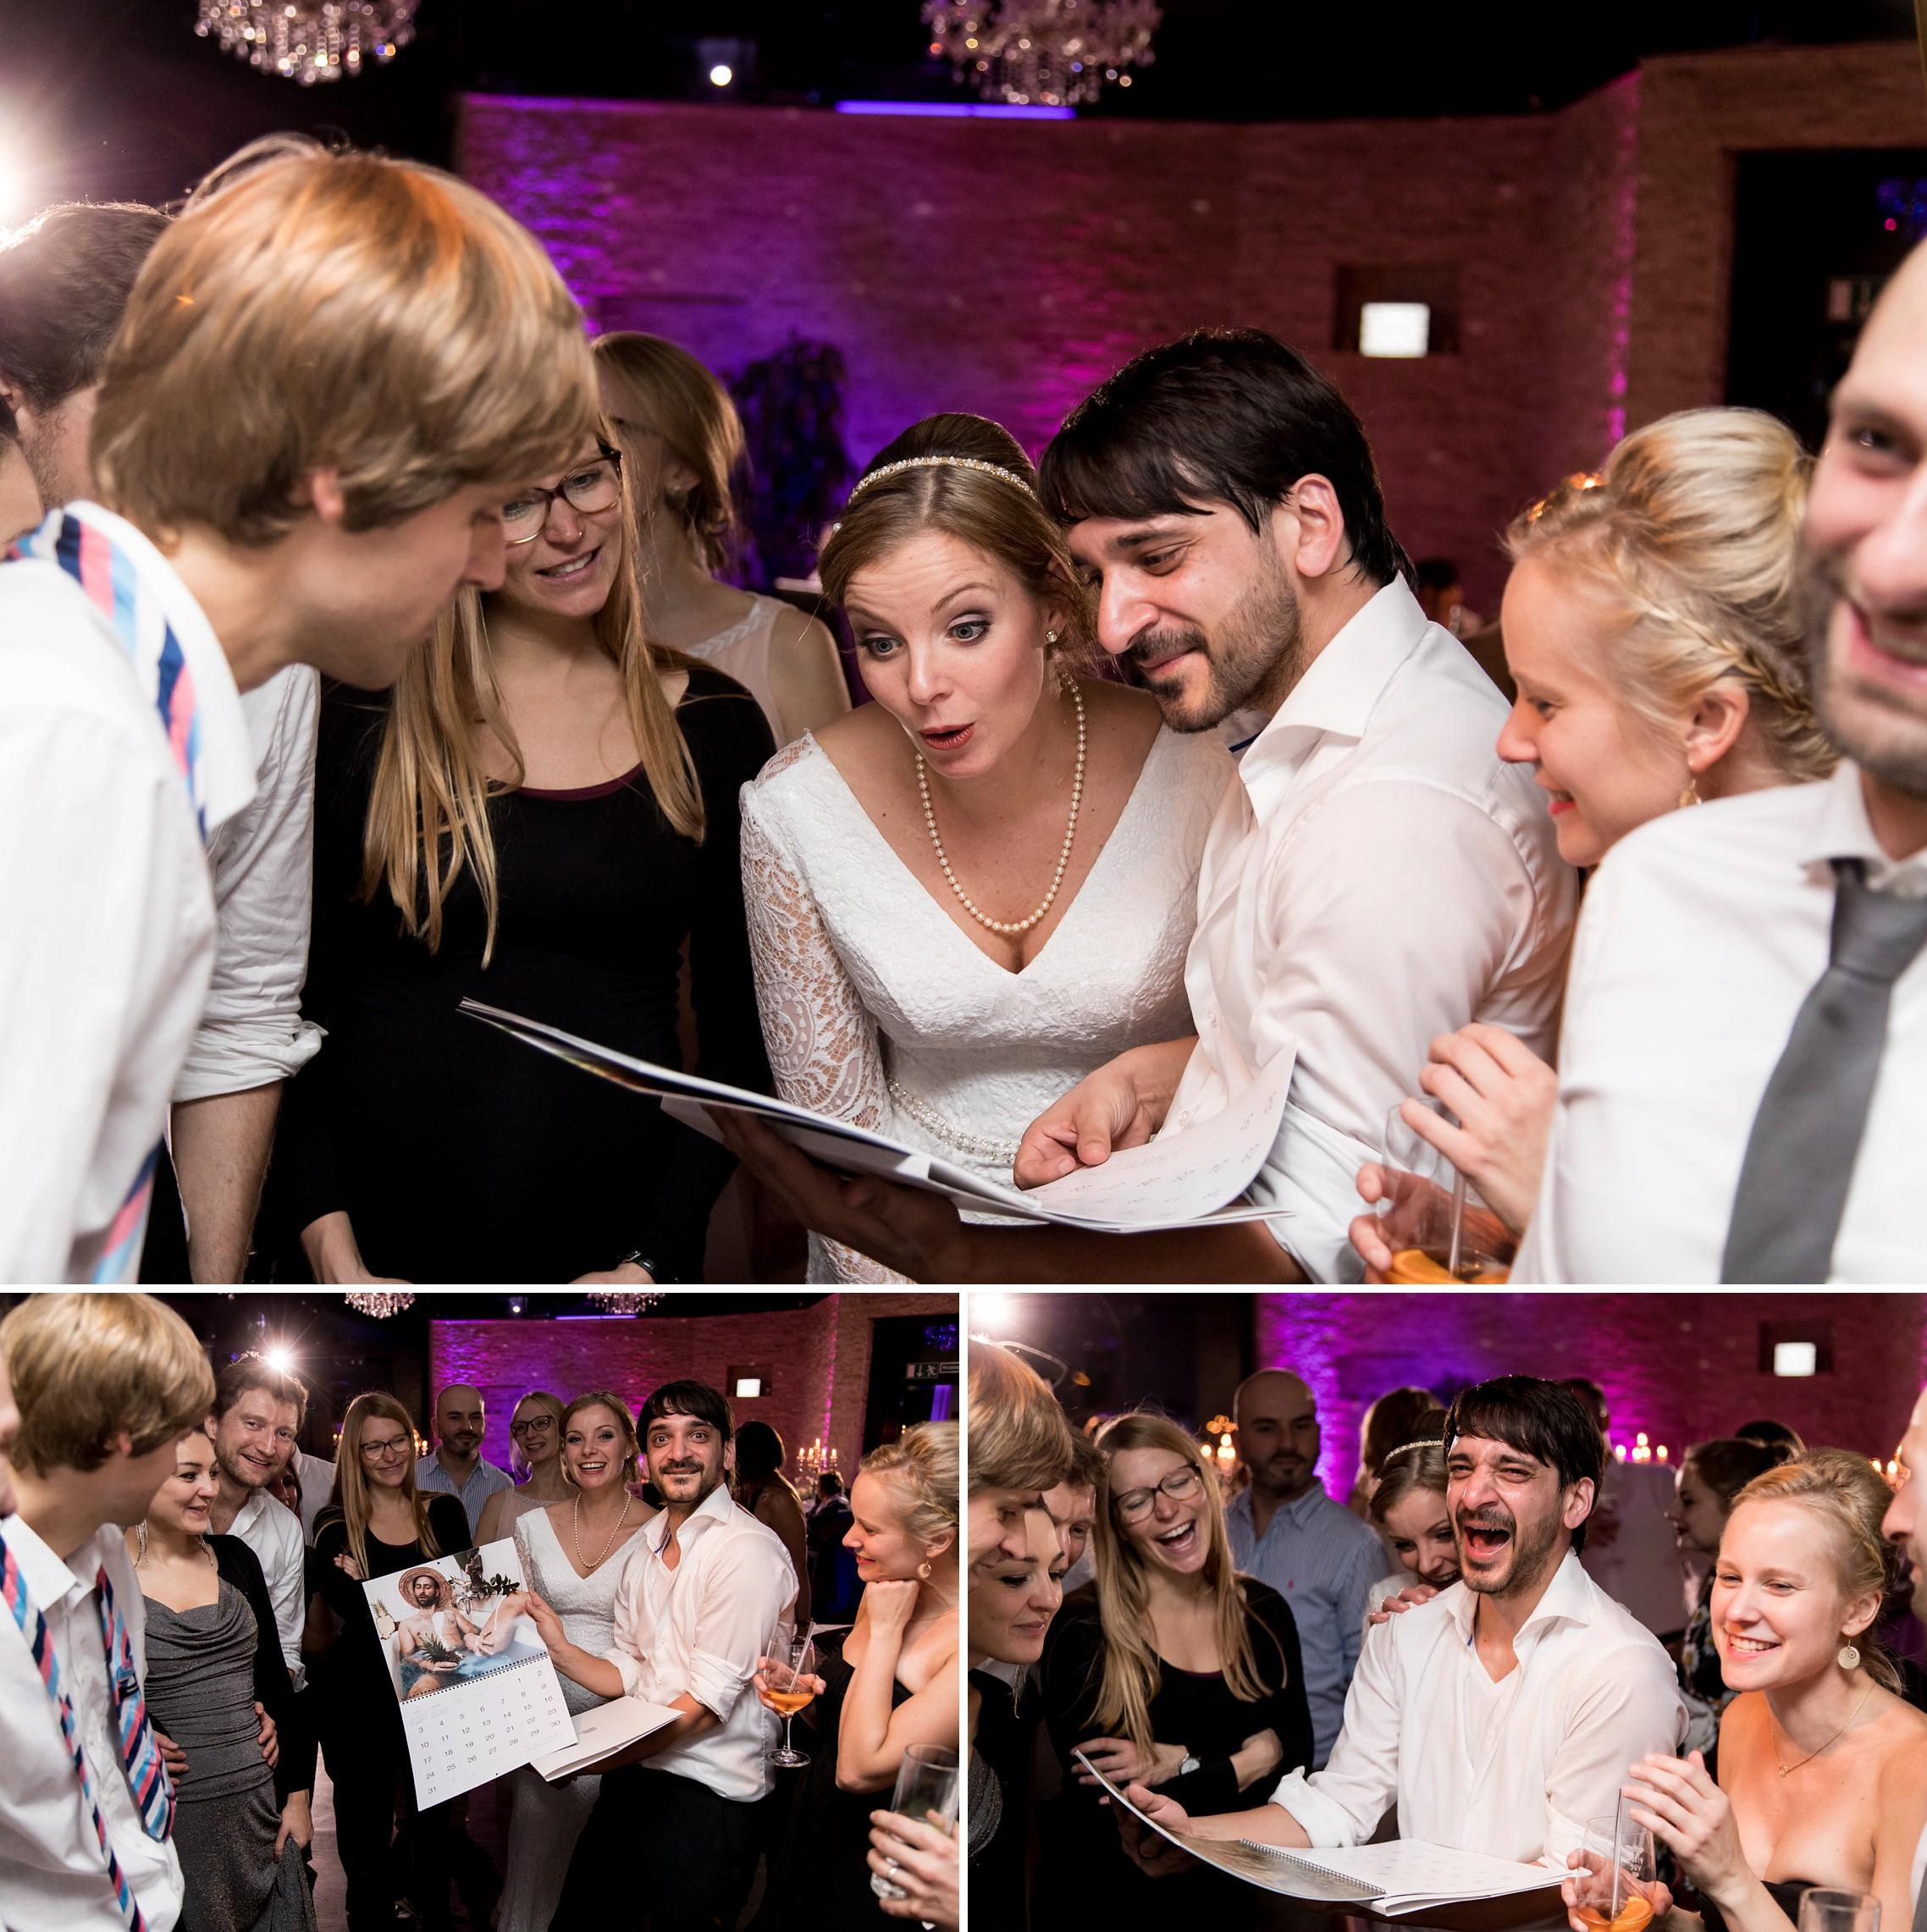 Das Brautpaar bekommt als Geschenk einen lustigen Pin-up Kalender in dem sich die Kumpels selbst fotografiert haben